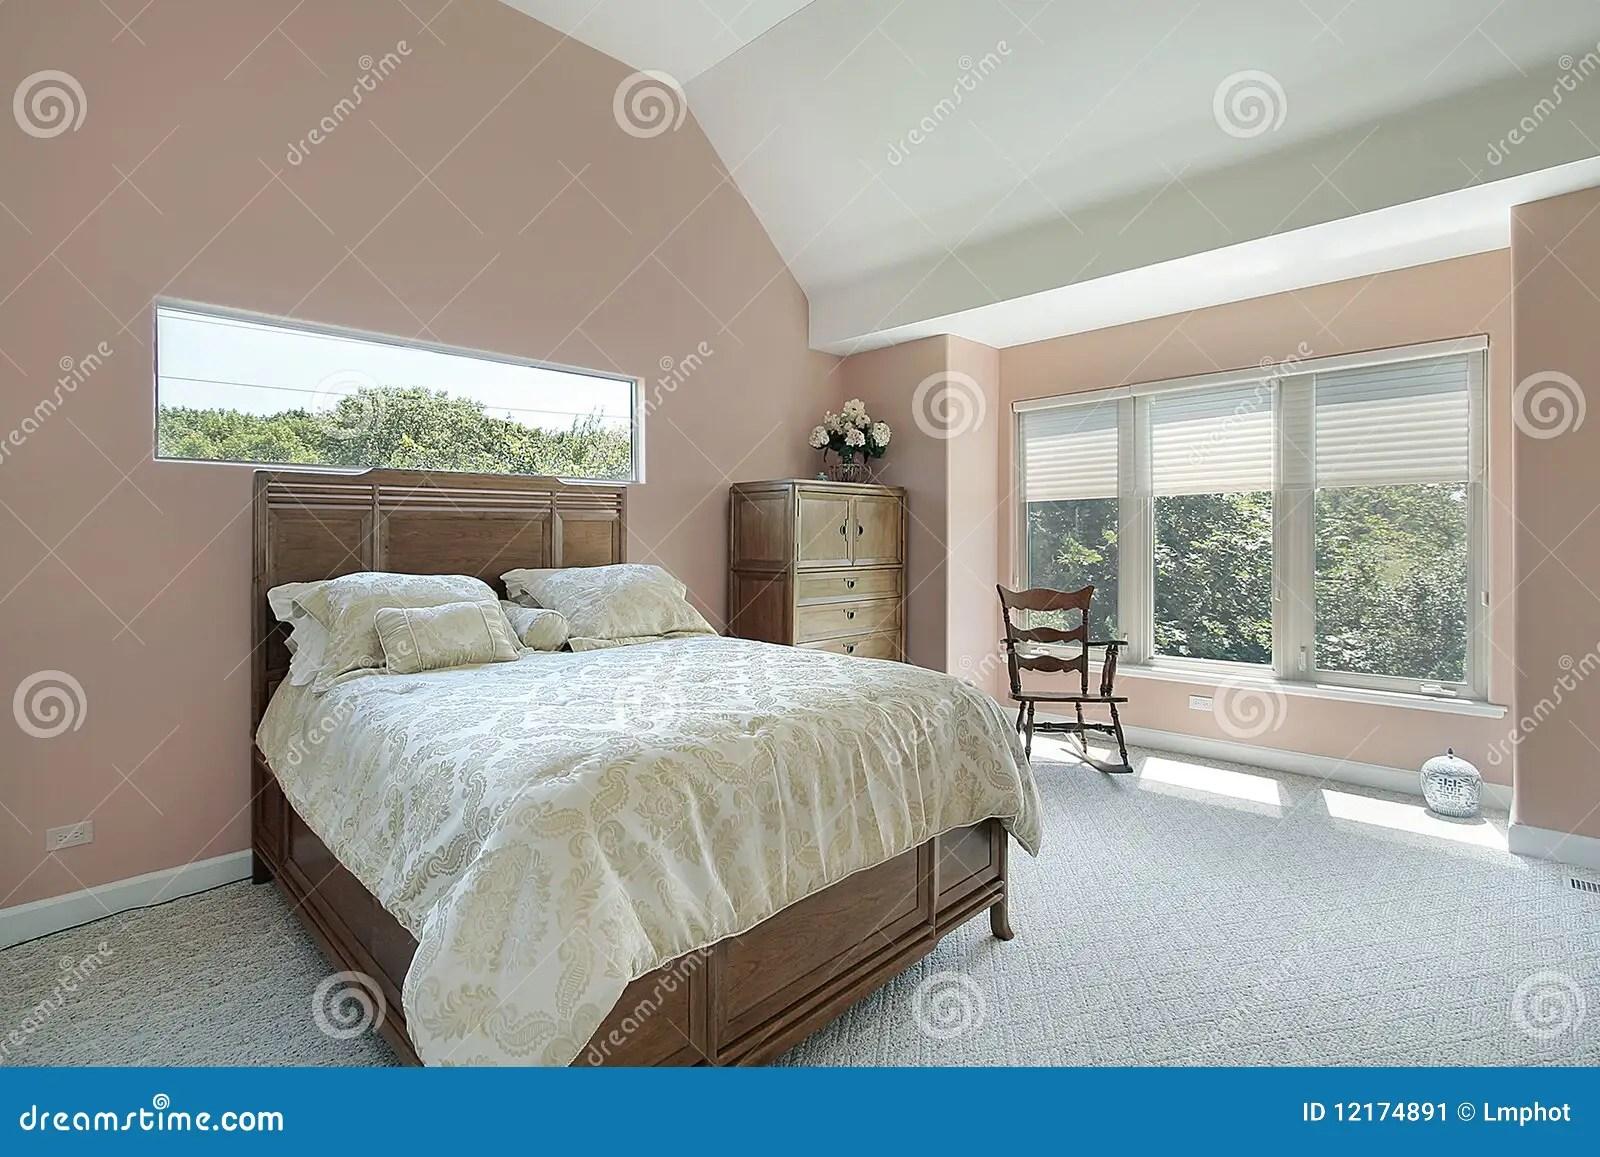 pareti in pietra in camera da letto, uno stile di tendenza. Master Bedroom With Mauve Colored Walls Stock Image Image Of Room Residence 12174891